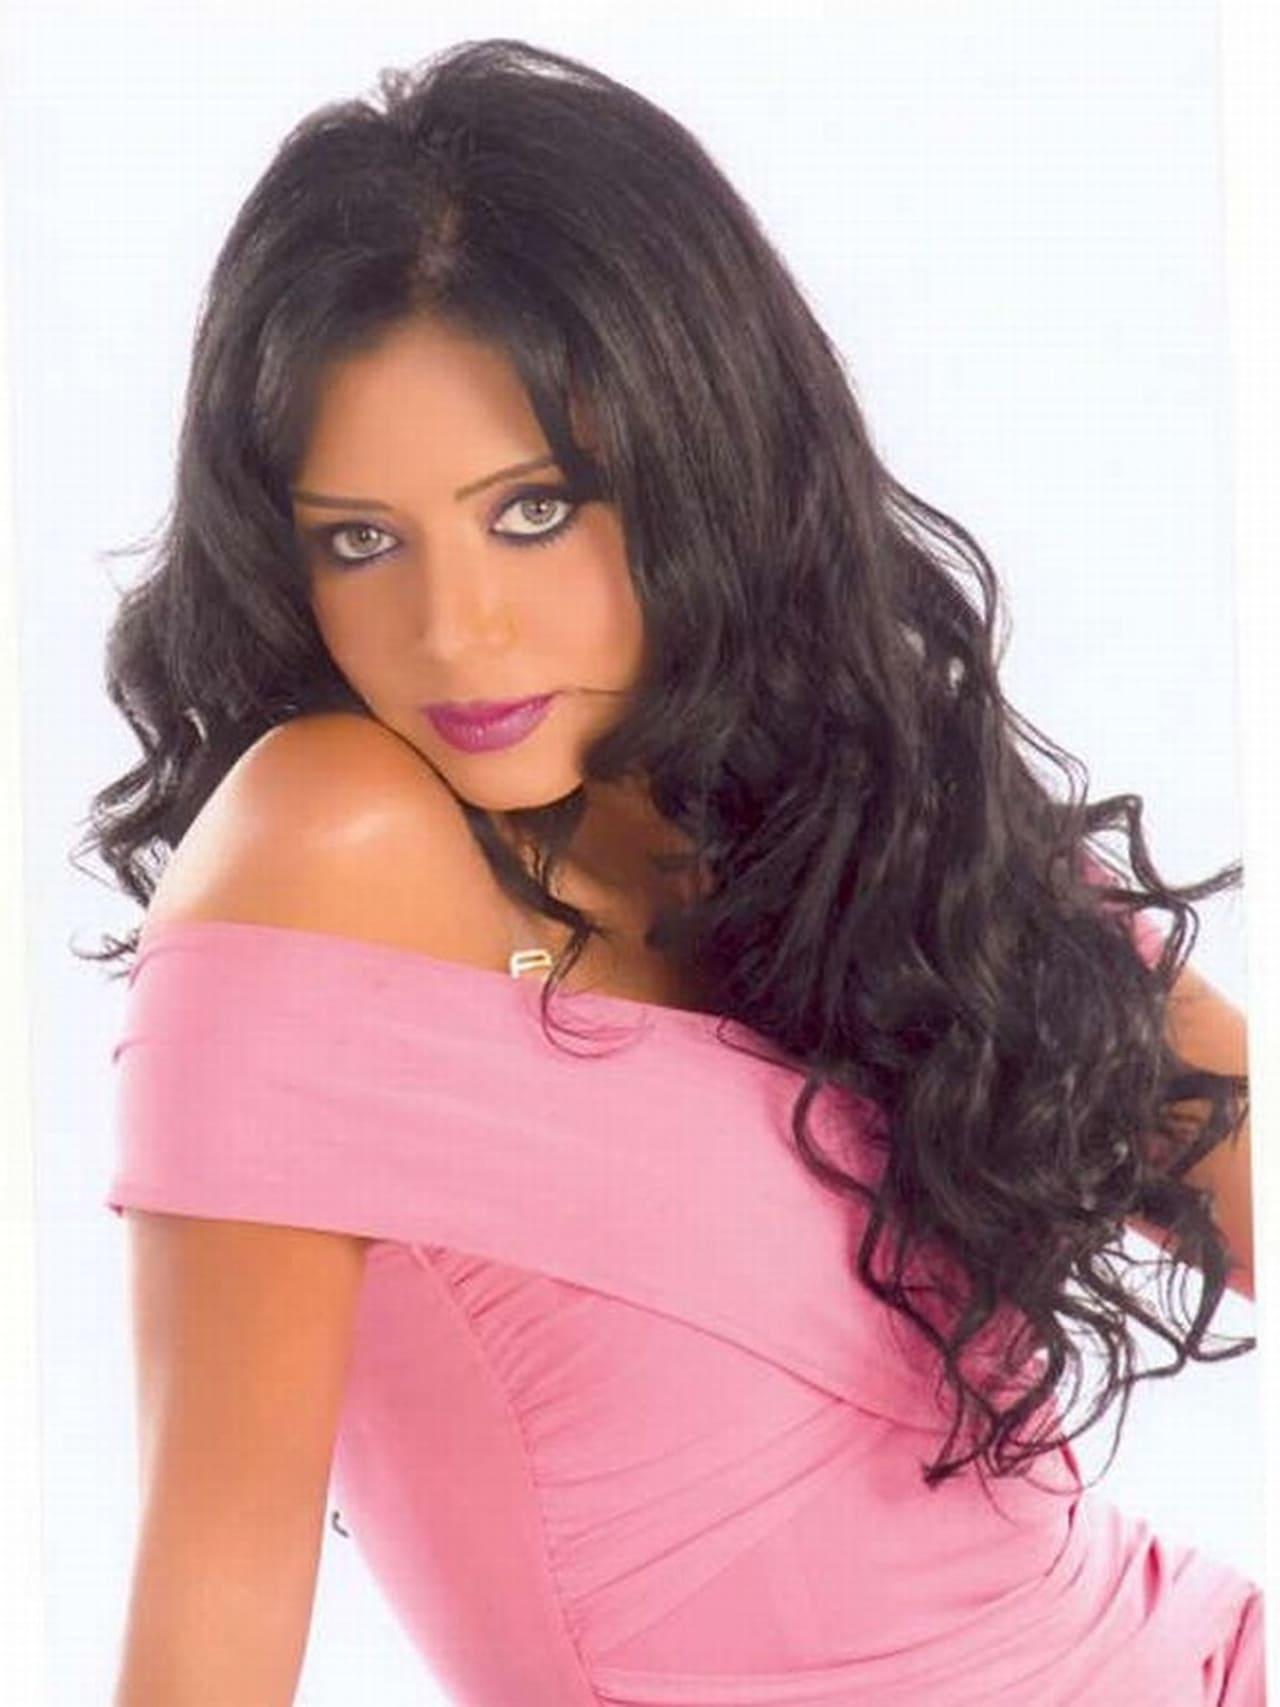 Ghada Abdel Razek photos